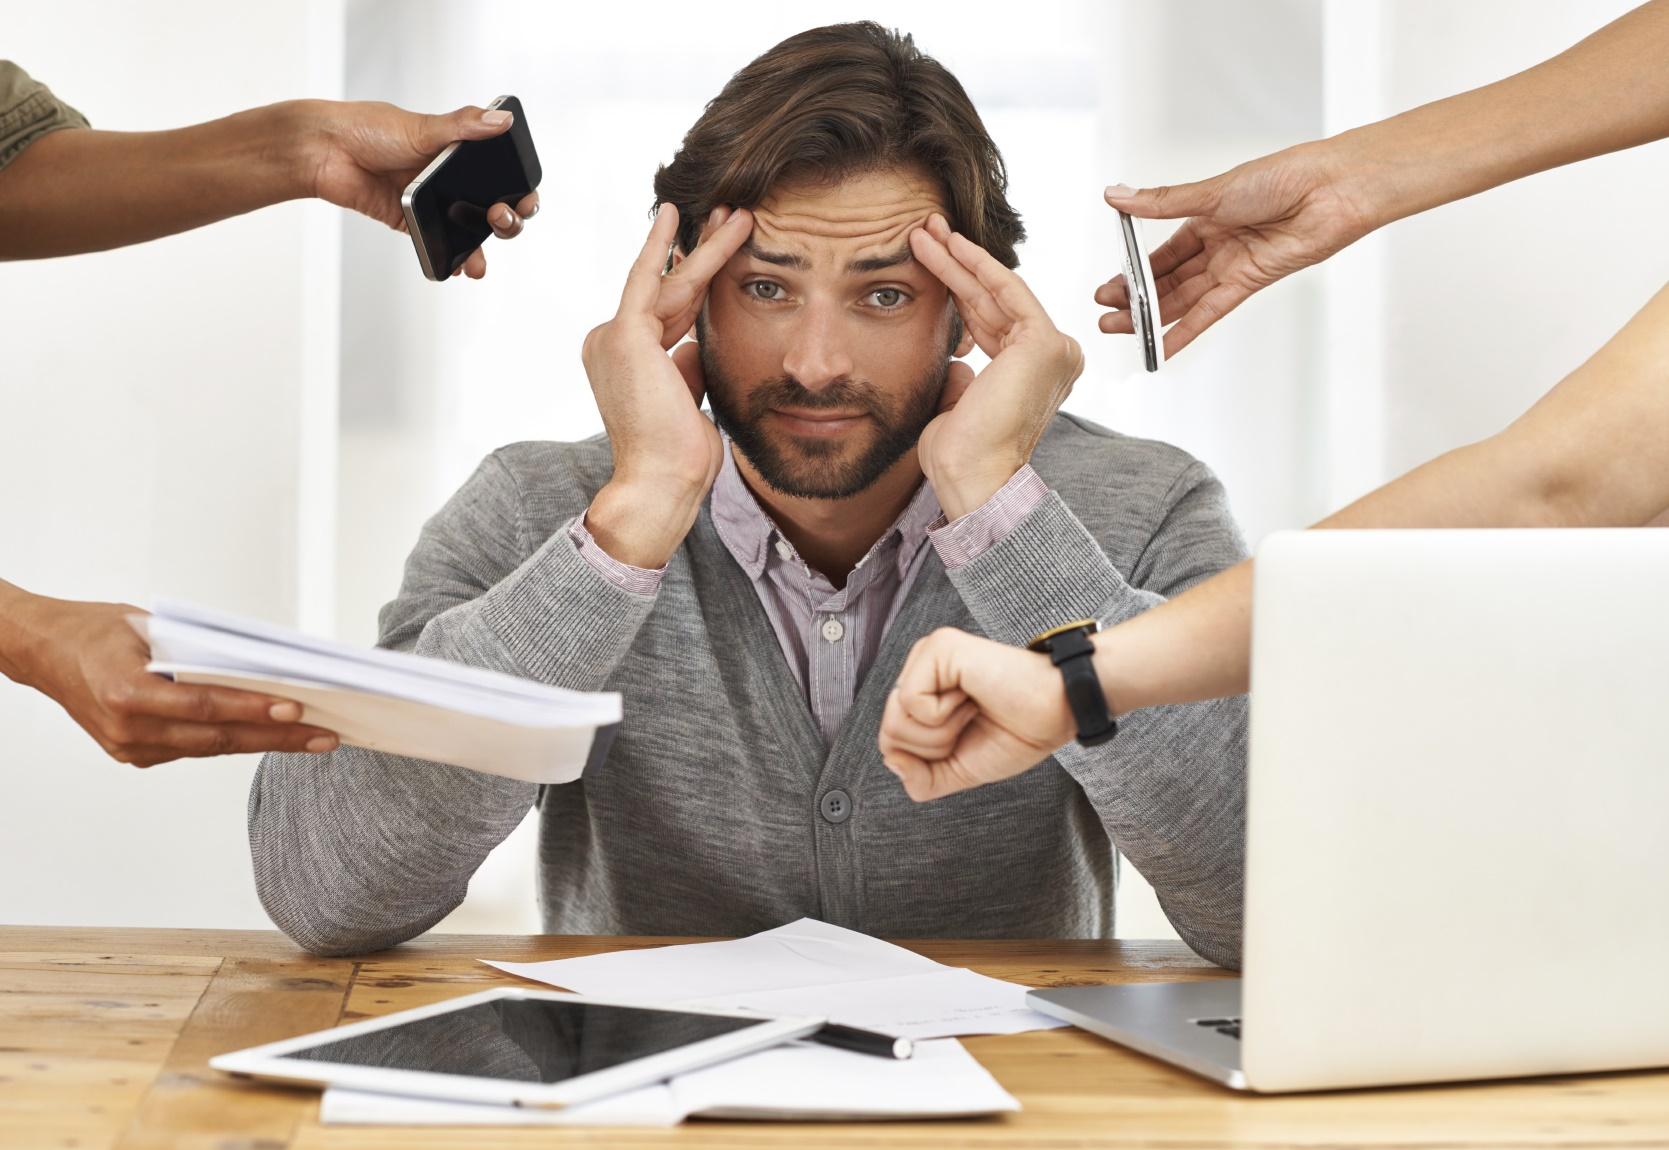 ۱۰ راهکار ساده برای اینکه از استرس خلاص شوید!/ شکست عامل مهم بیماریها